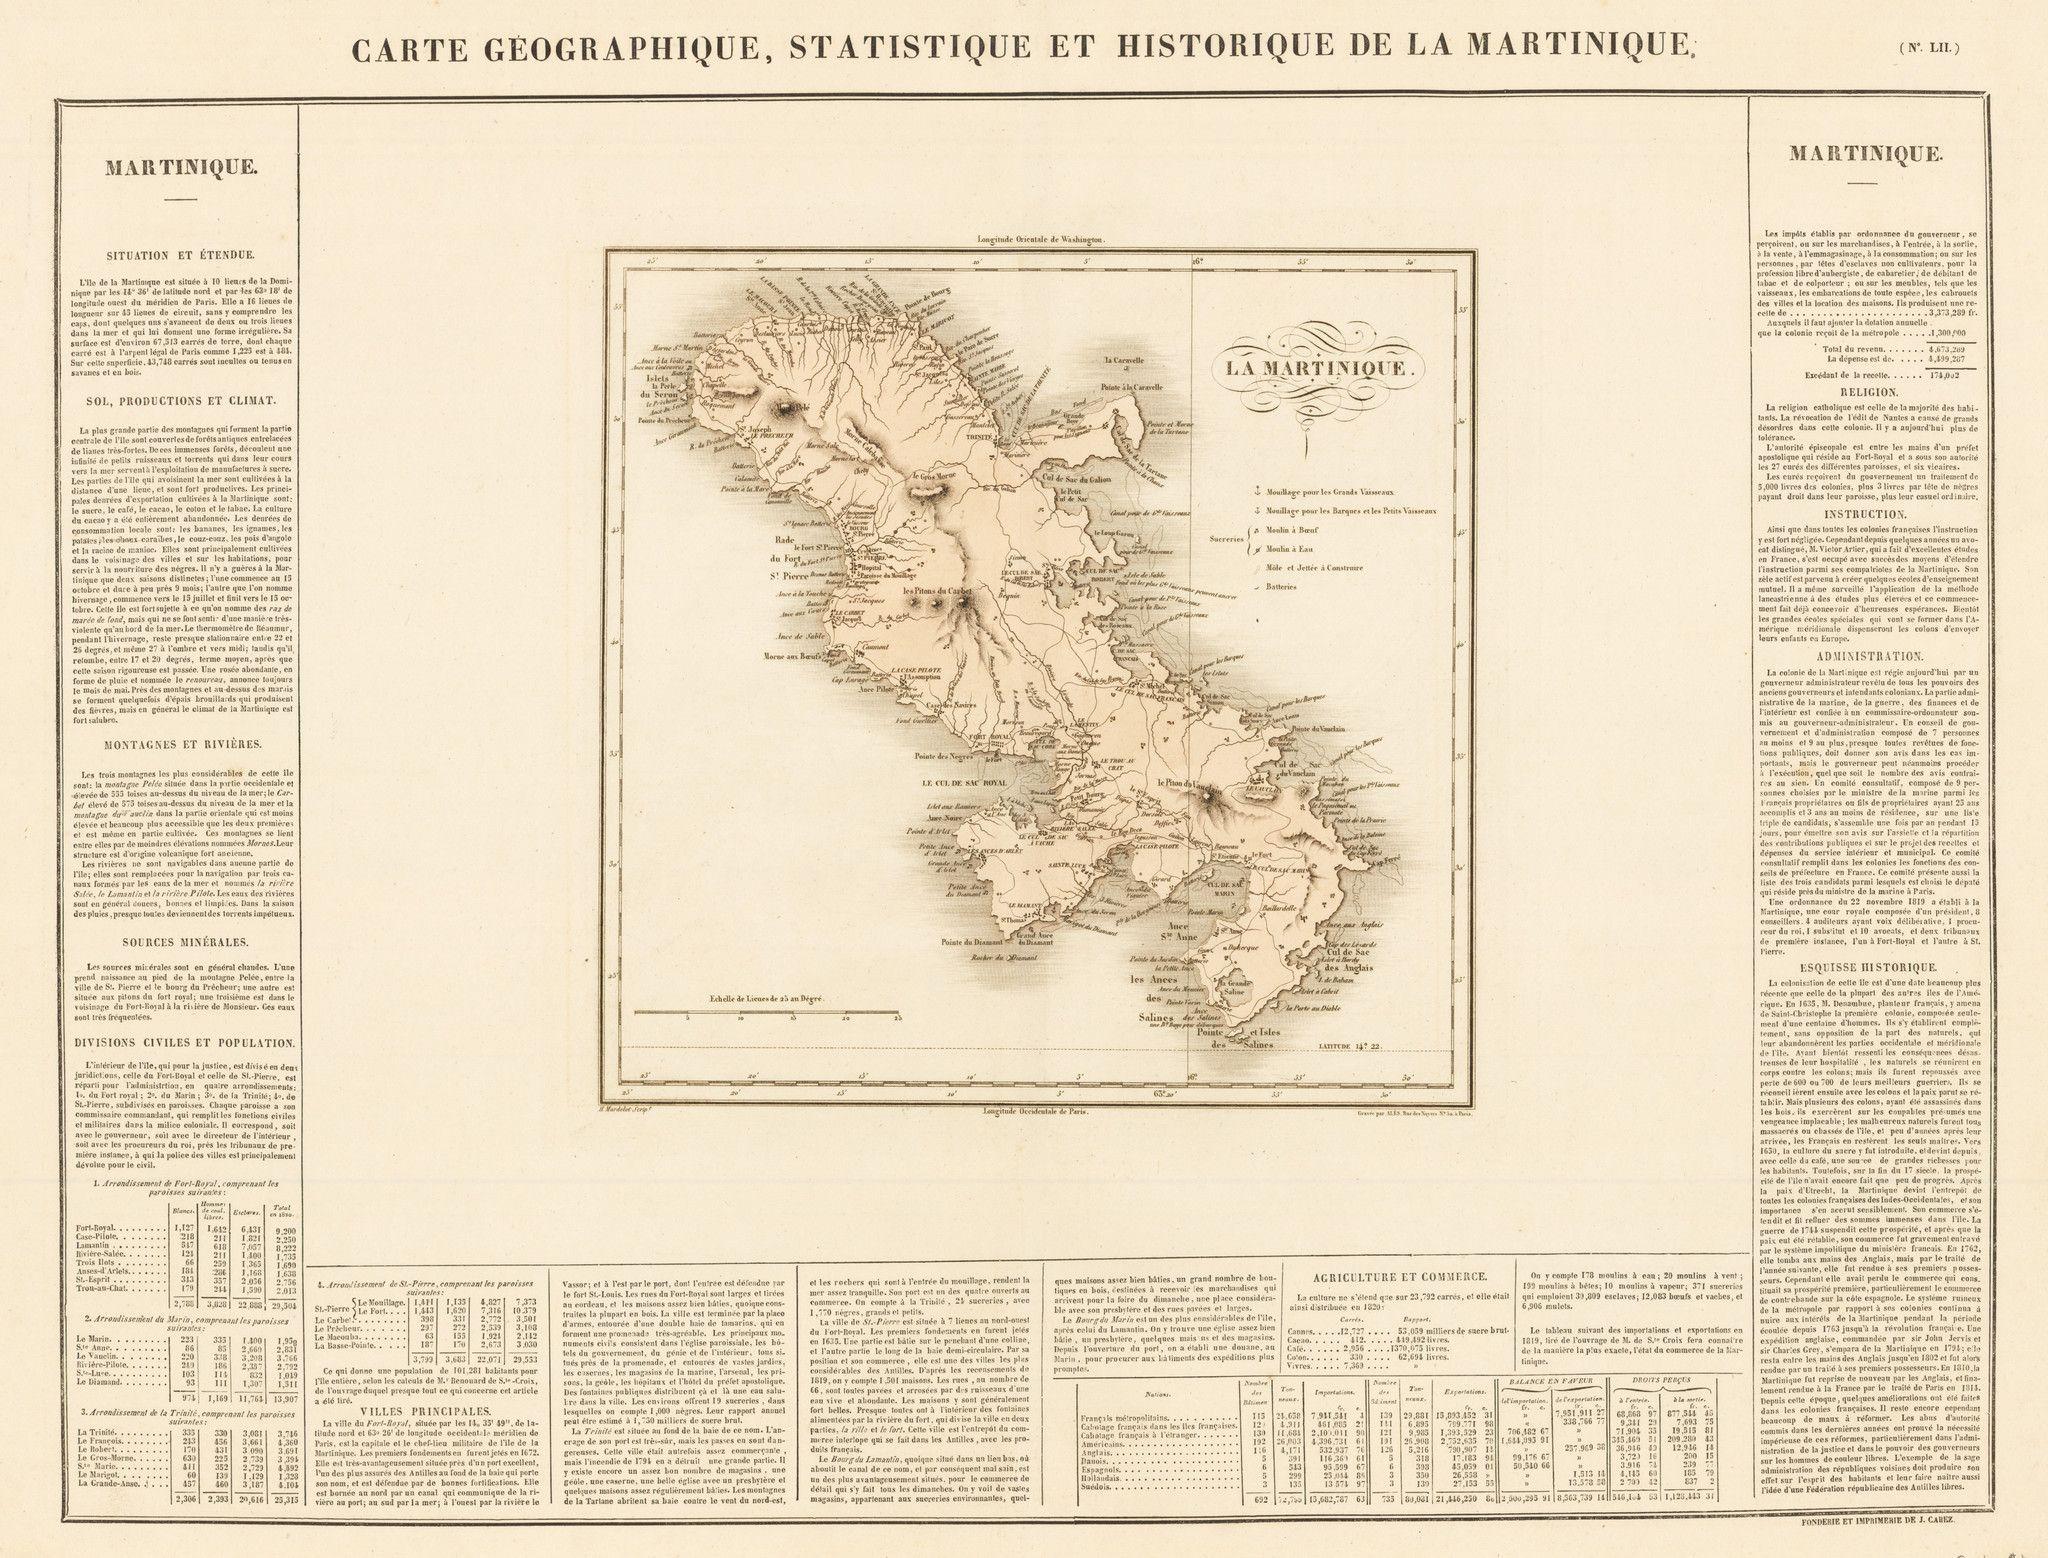 1825 Carte Geographique, Statistique, et Historique de la